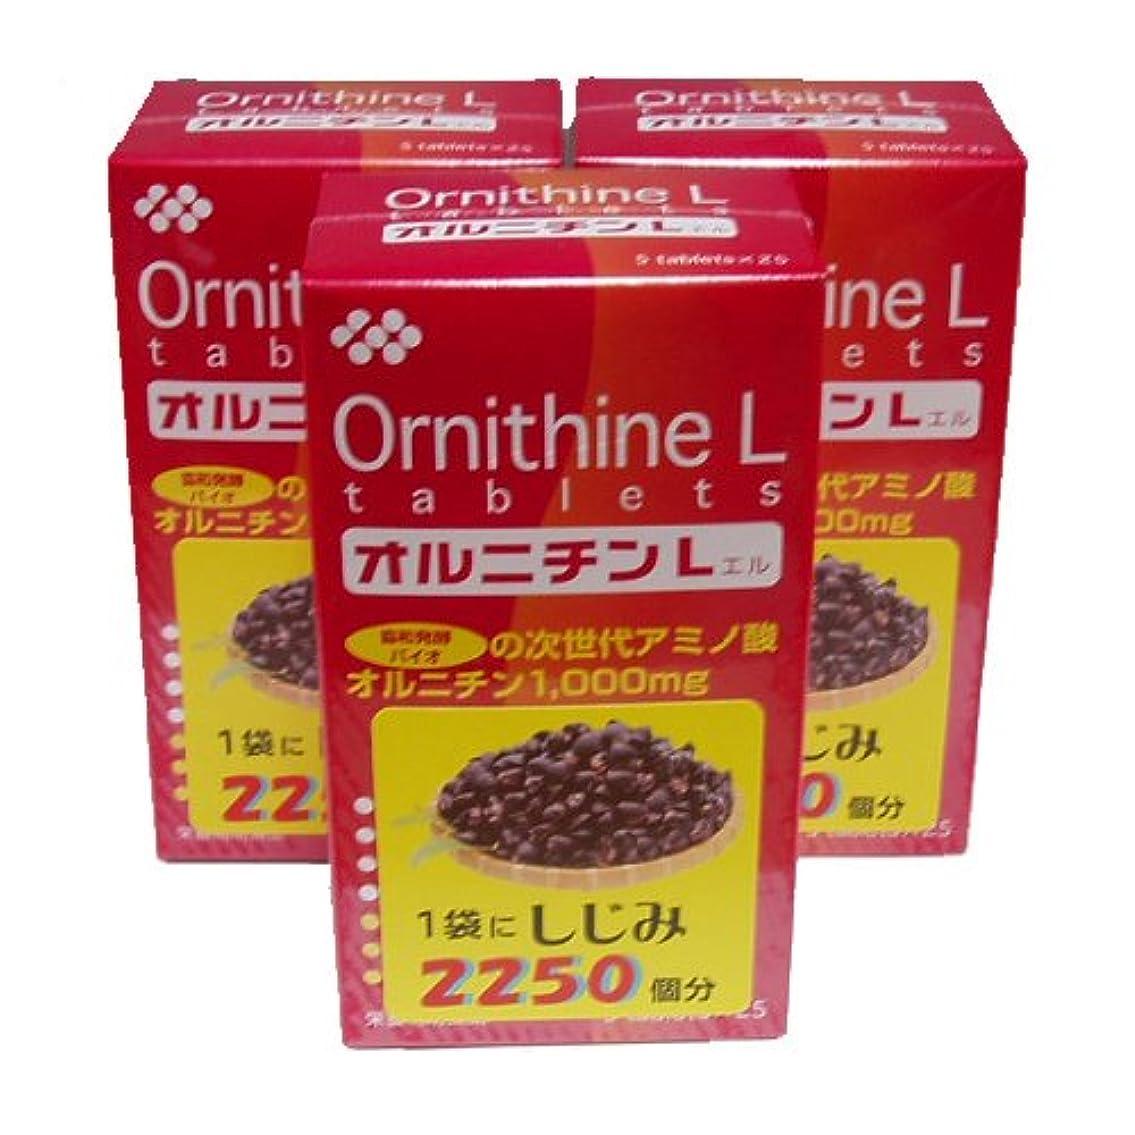 衛星ブルゴーニュ安定した伸和製薬オルニチンL (5粒×25袋)×3個セット